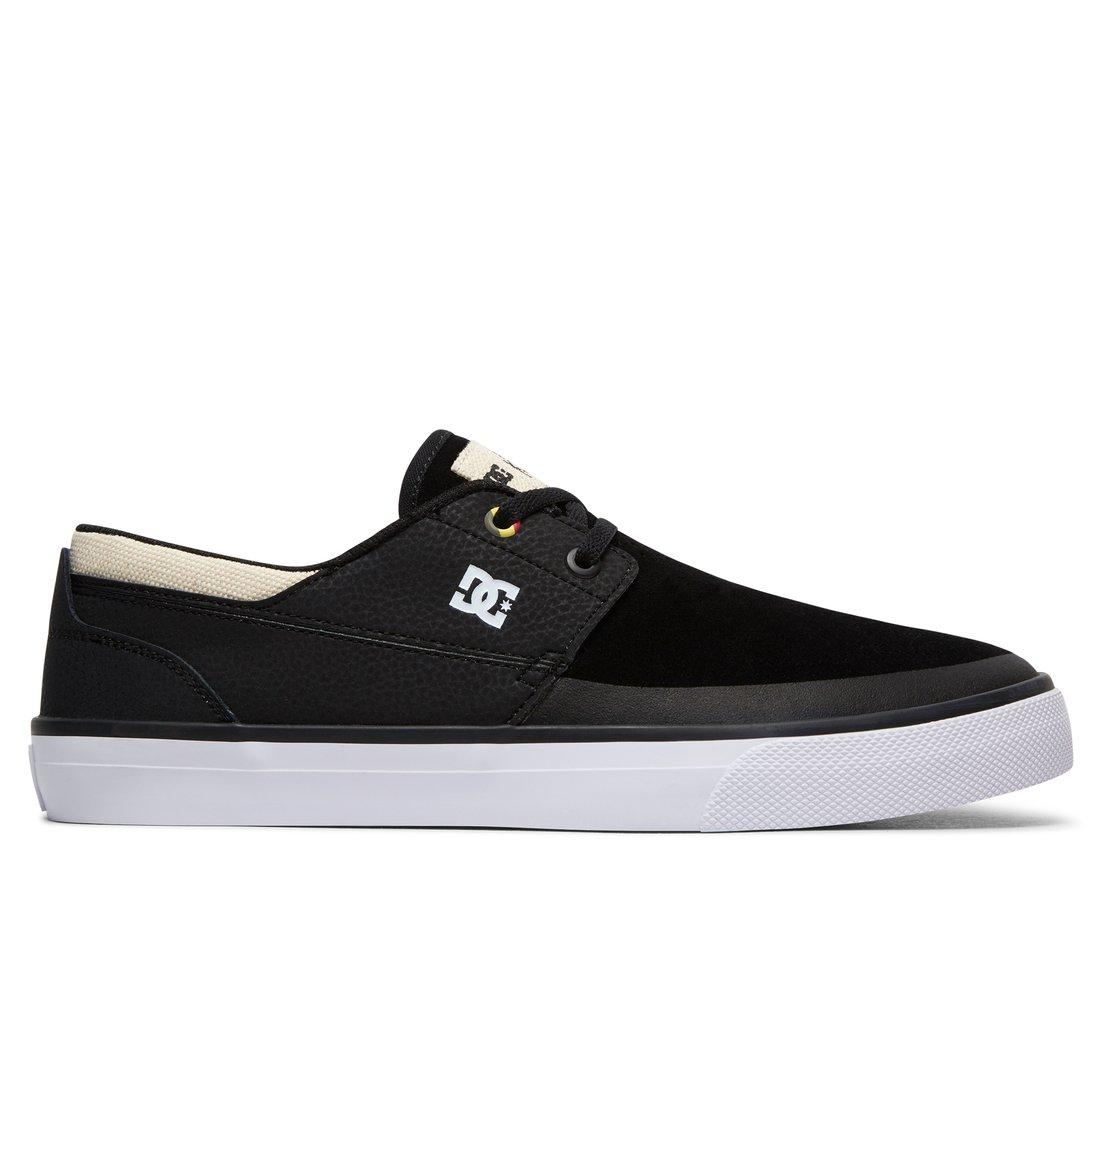 dc shoes New Jack S - Scarpe da skate da Uomo - Red - DC Shoes Cxjnr1